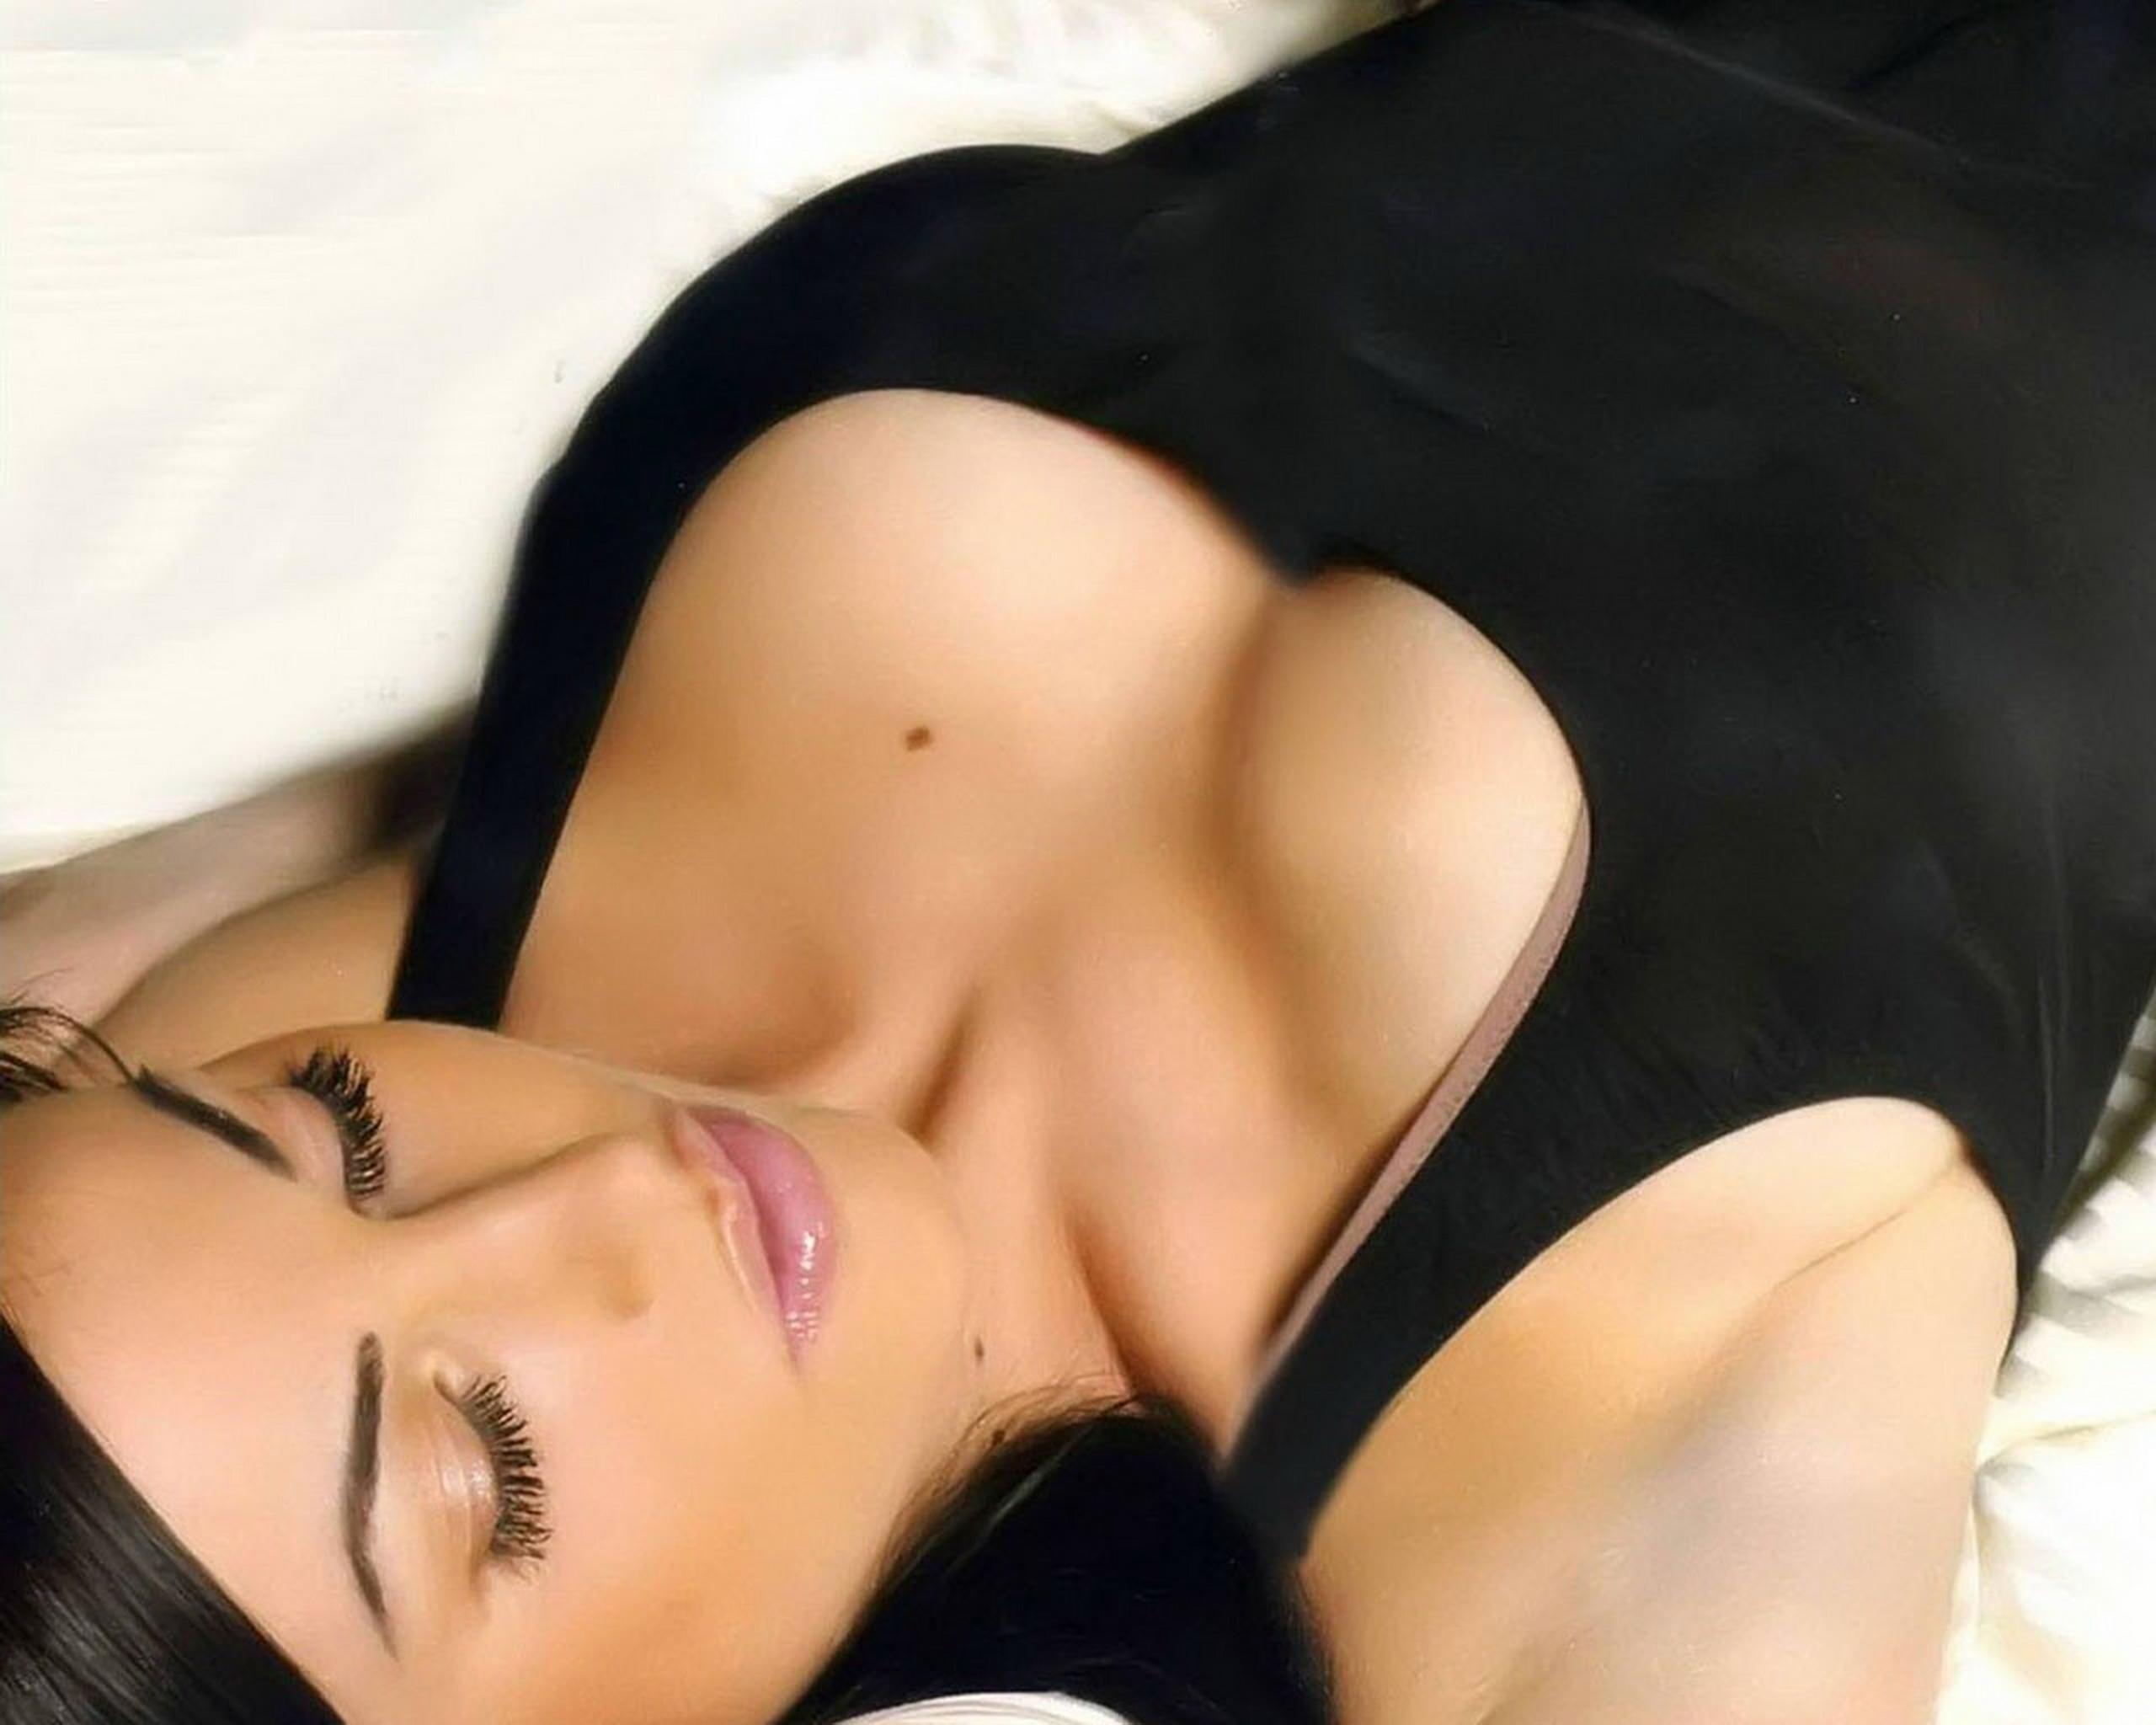 Русское порно с красивой сисястой девочкой 19 фотография